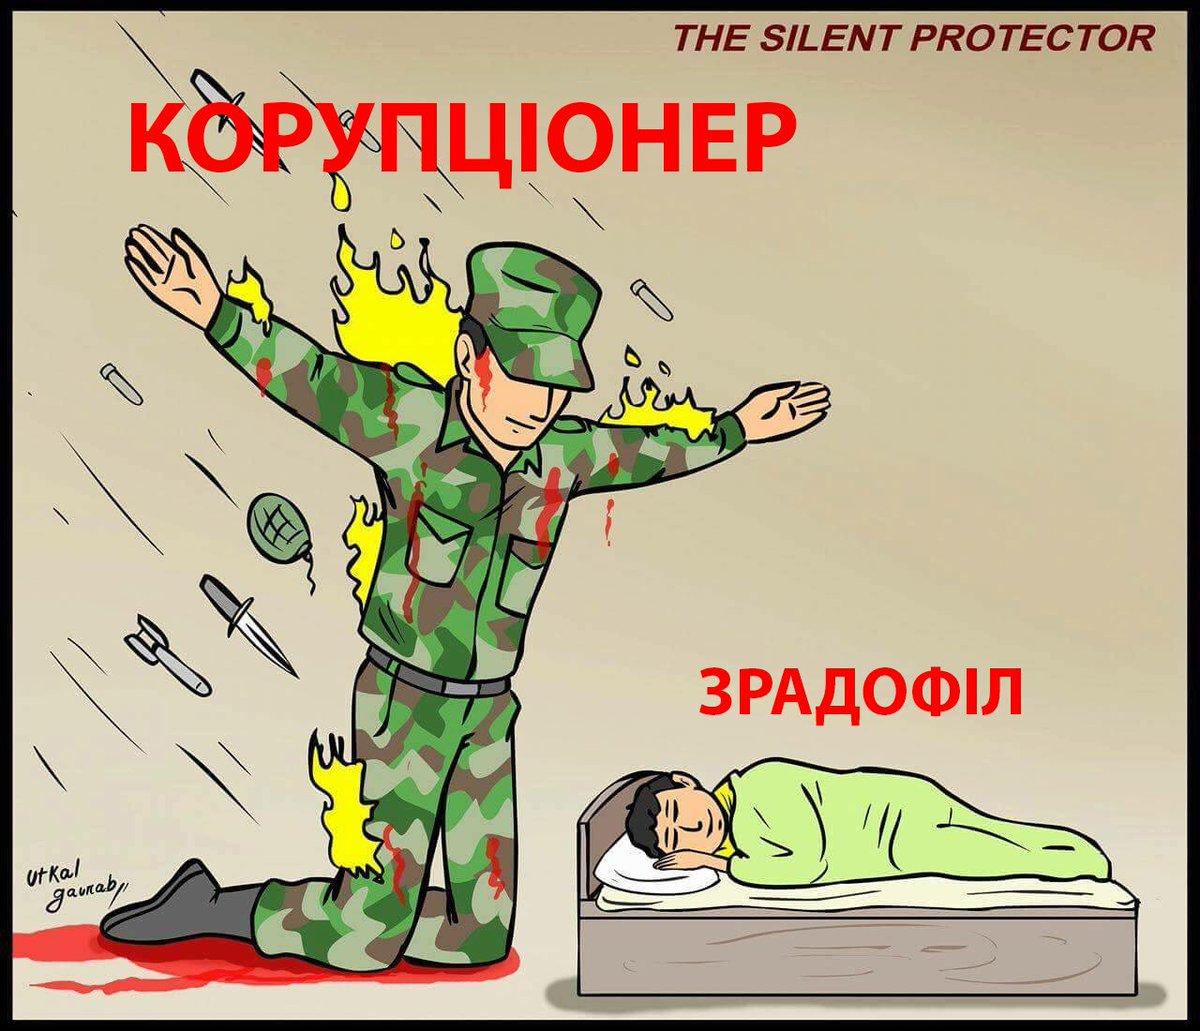 Економіка України збалансована, але потрібна зовнішня підтримка для виплати попередніх боргів, - Гройсман - Цензор.НЕТ 4665